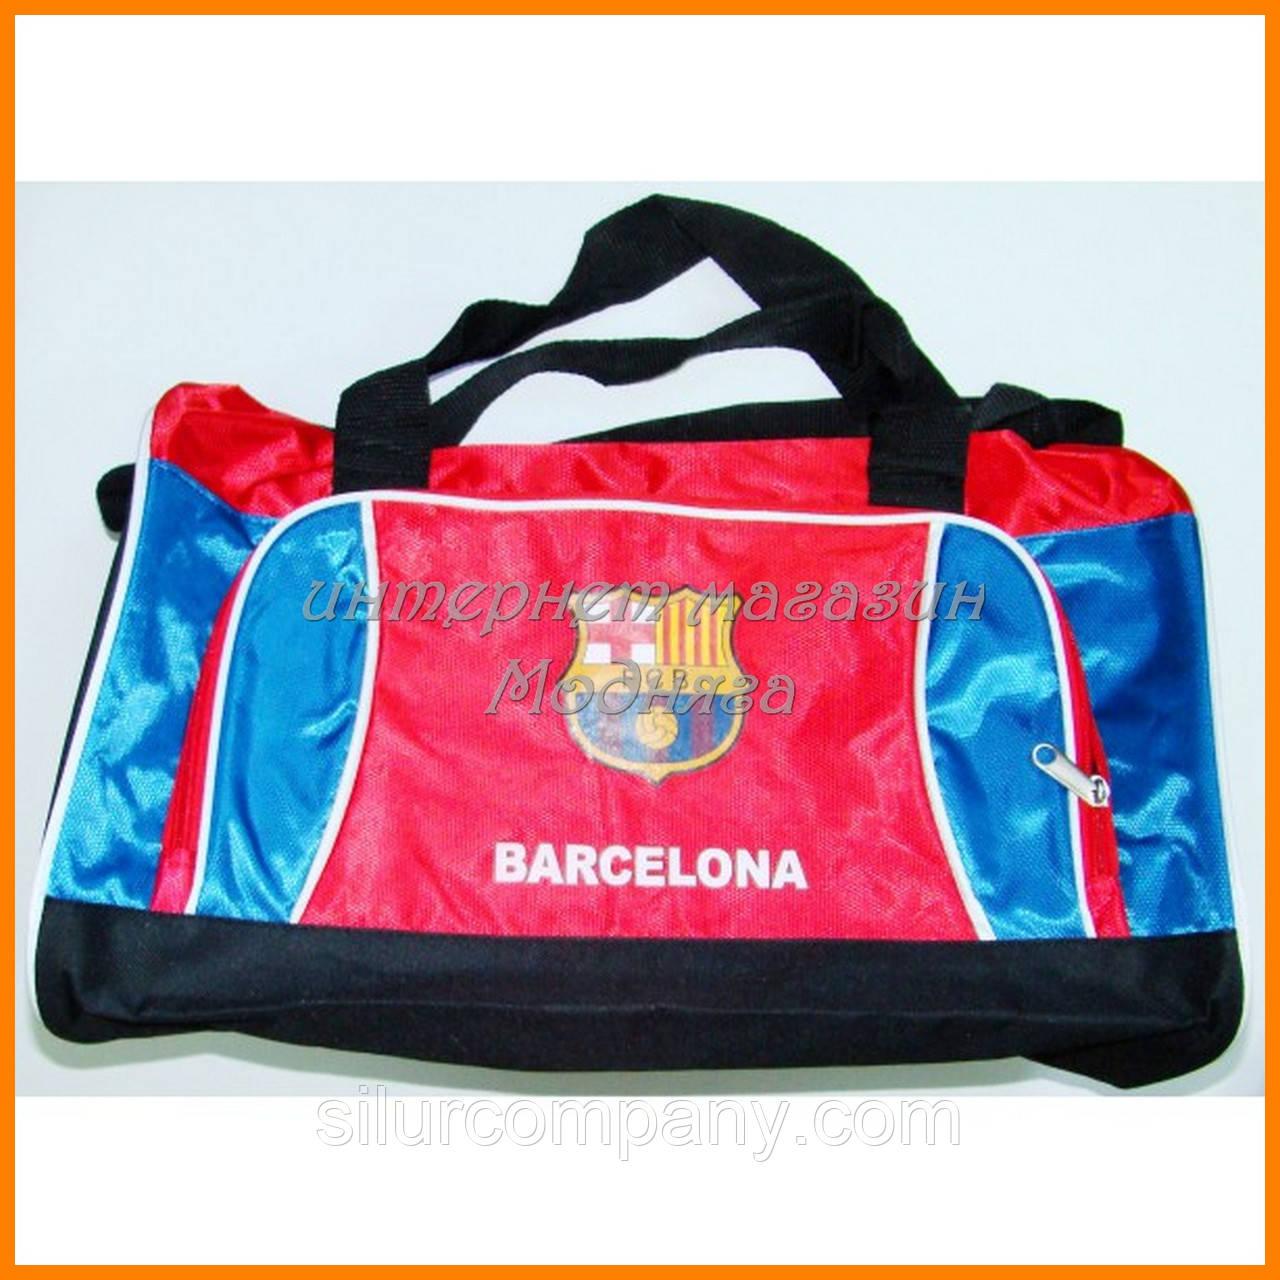 ac14c48fe657 Подростковые сумки   Сумка спортивная Barcelona 43х20 см: продажа ...